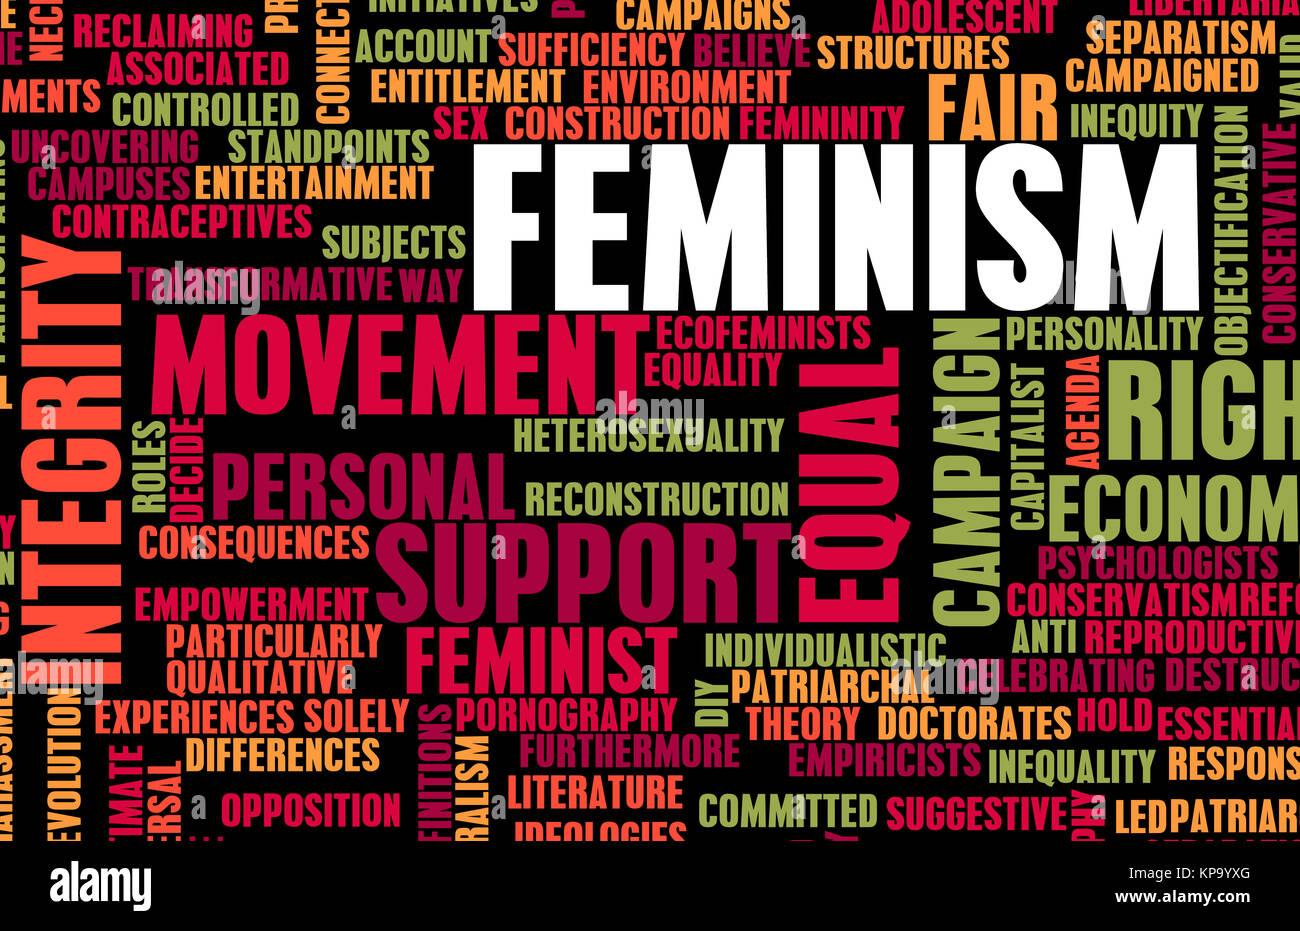 Feminism Design Stock Photos Amp Feminism Design Stock